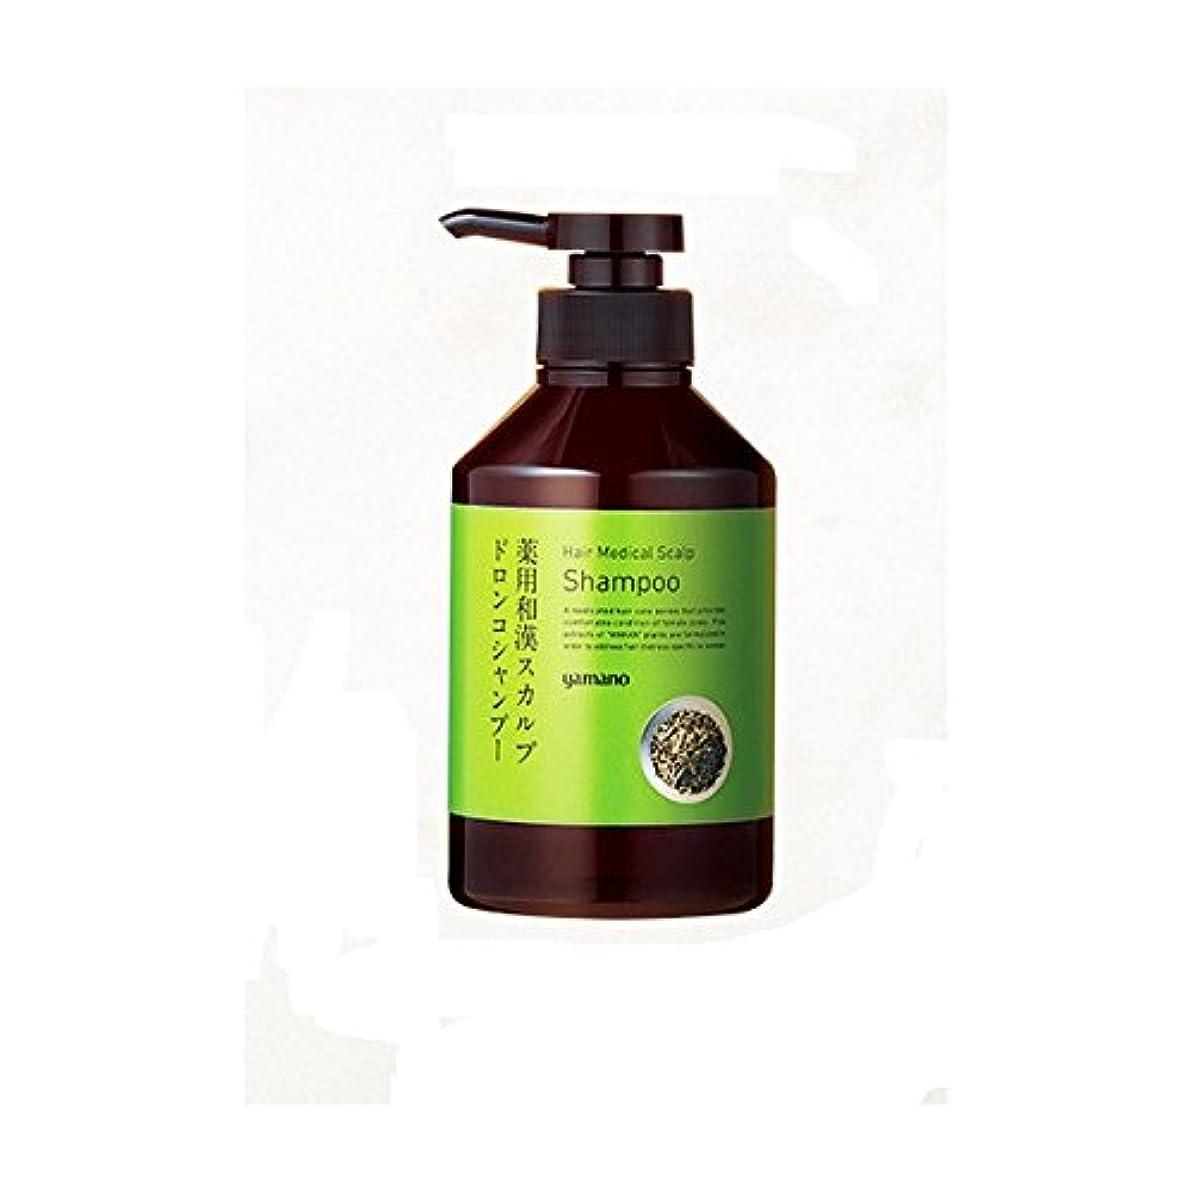 味付けジョガー分析的ヤマノ 薬用和漢 スカルプドロンコシャンプー (医薬部外品)(400ml)